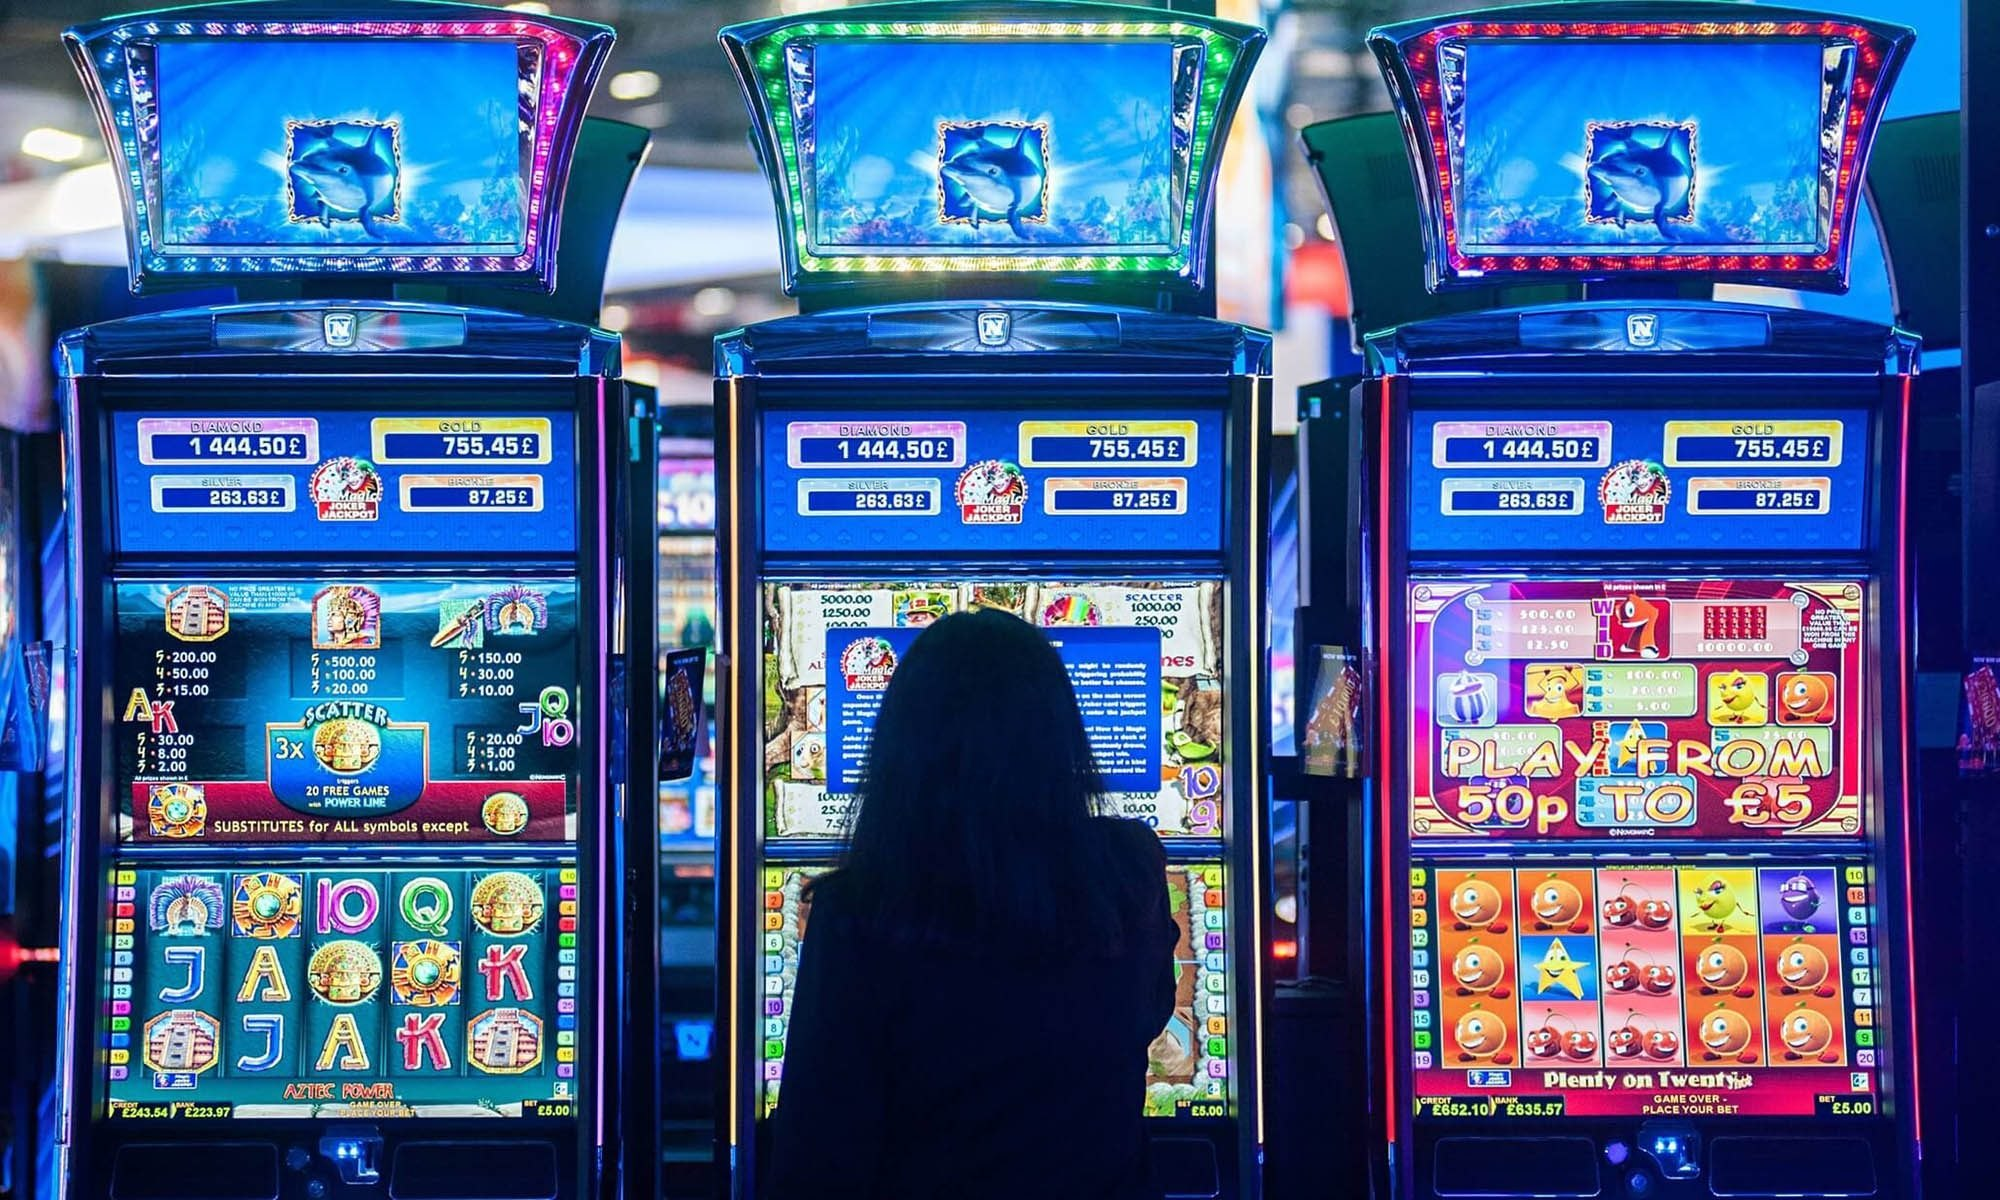 Типы игровых автоматов для игры на реальные деньги